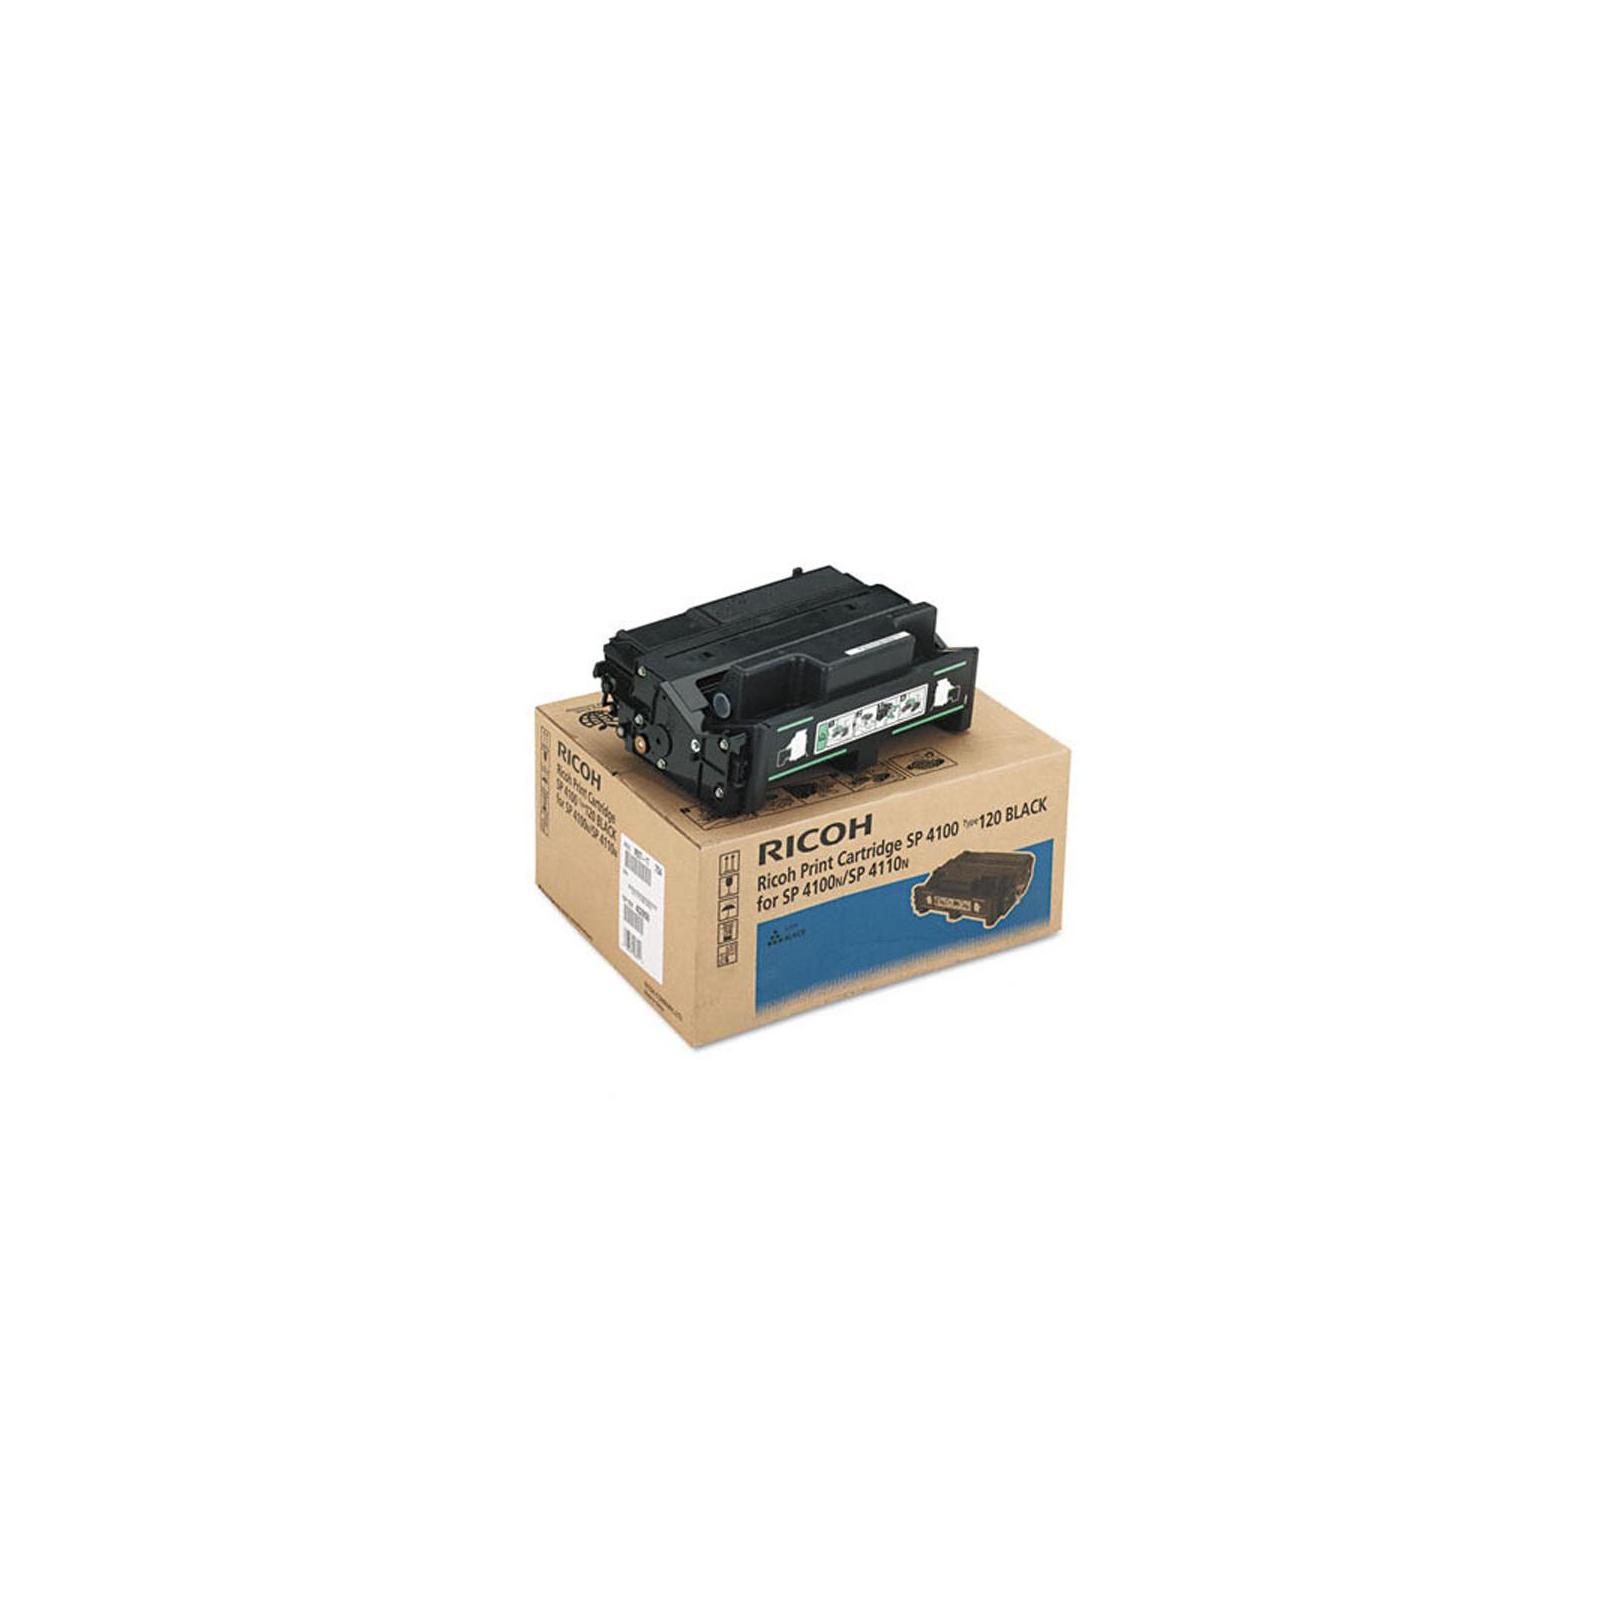 Тонер-картридж Ricoh SP4100/SP4110/SP4210/SP4310 Black 15К (407007/407008/407649) изображение 3